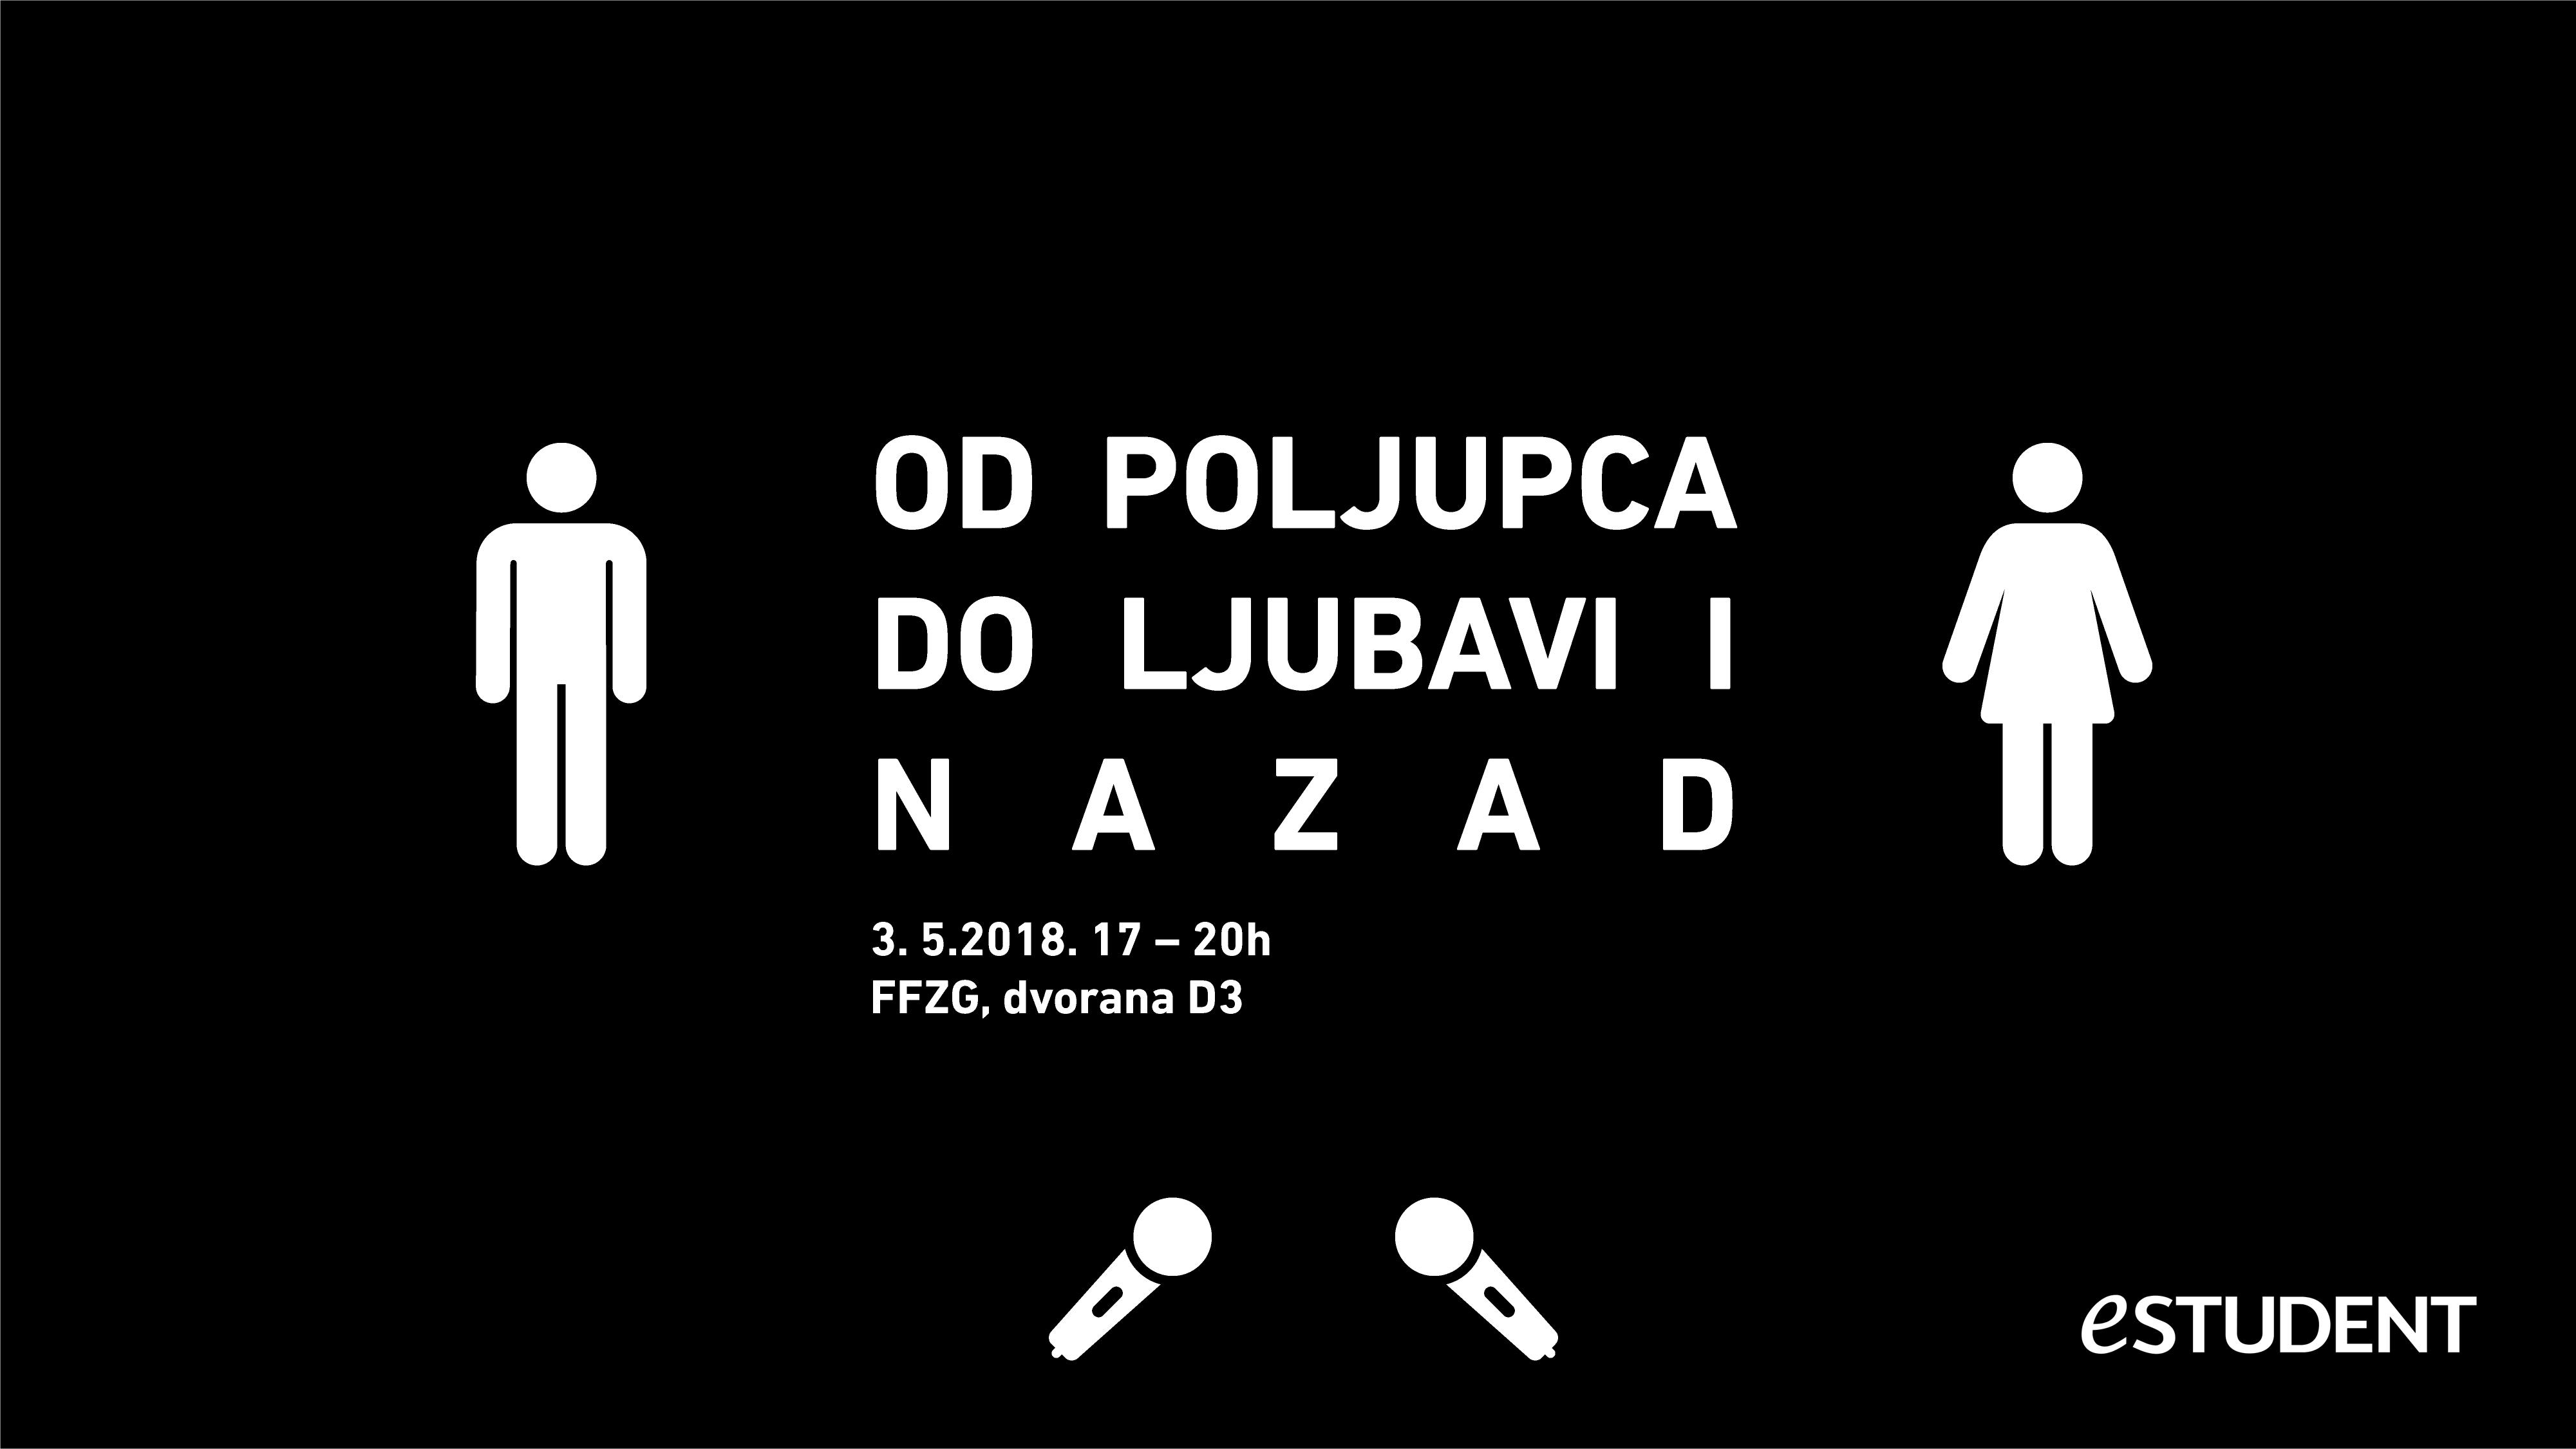 OPDLJIN-02 (1)